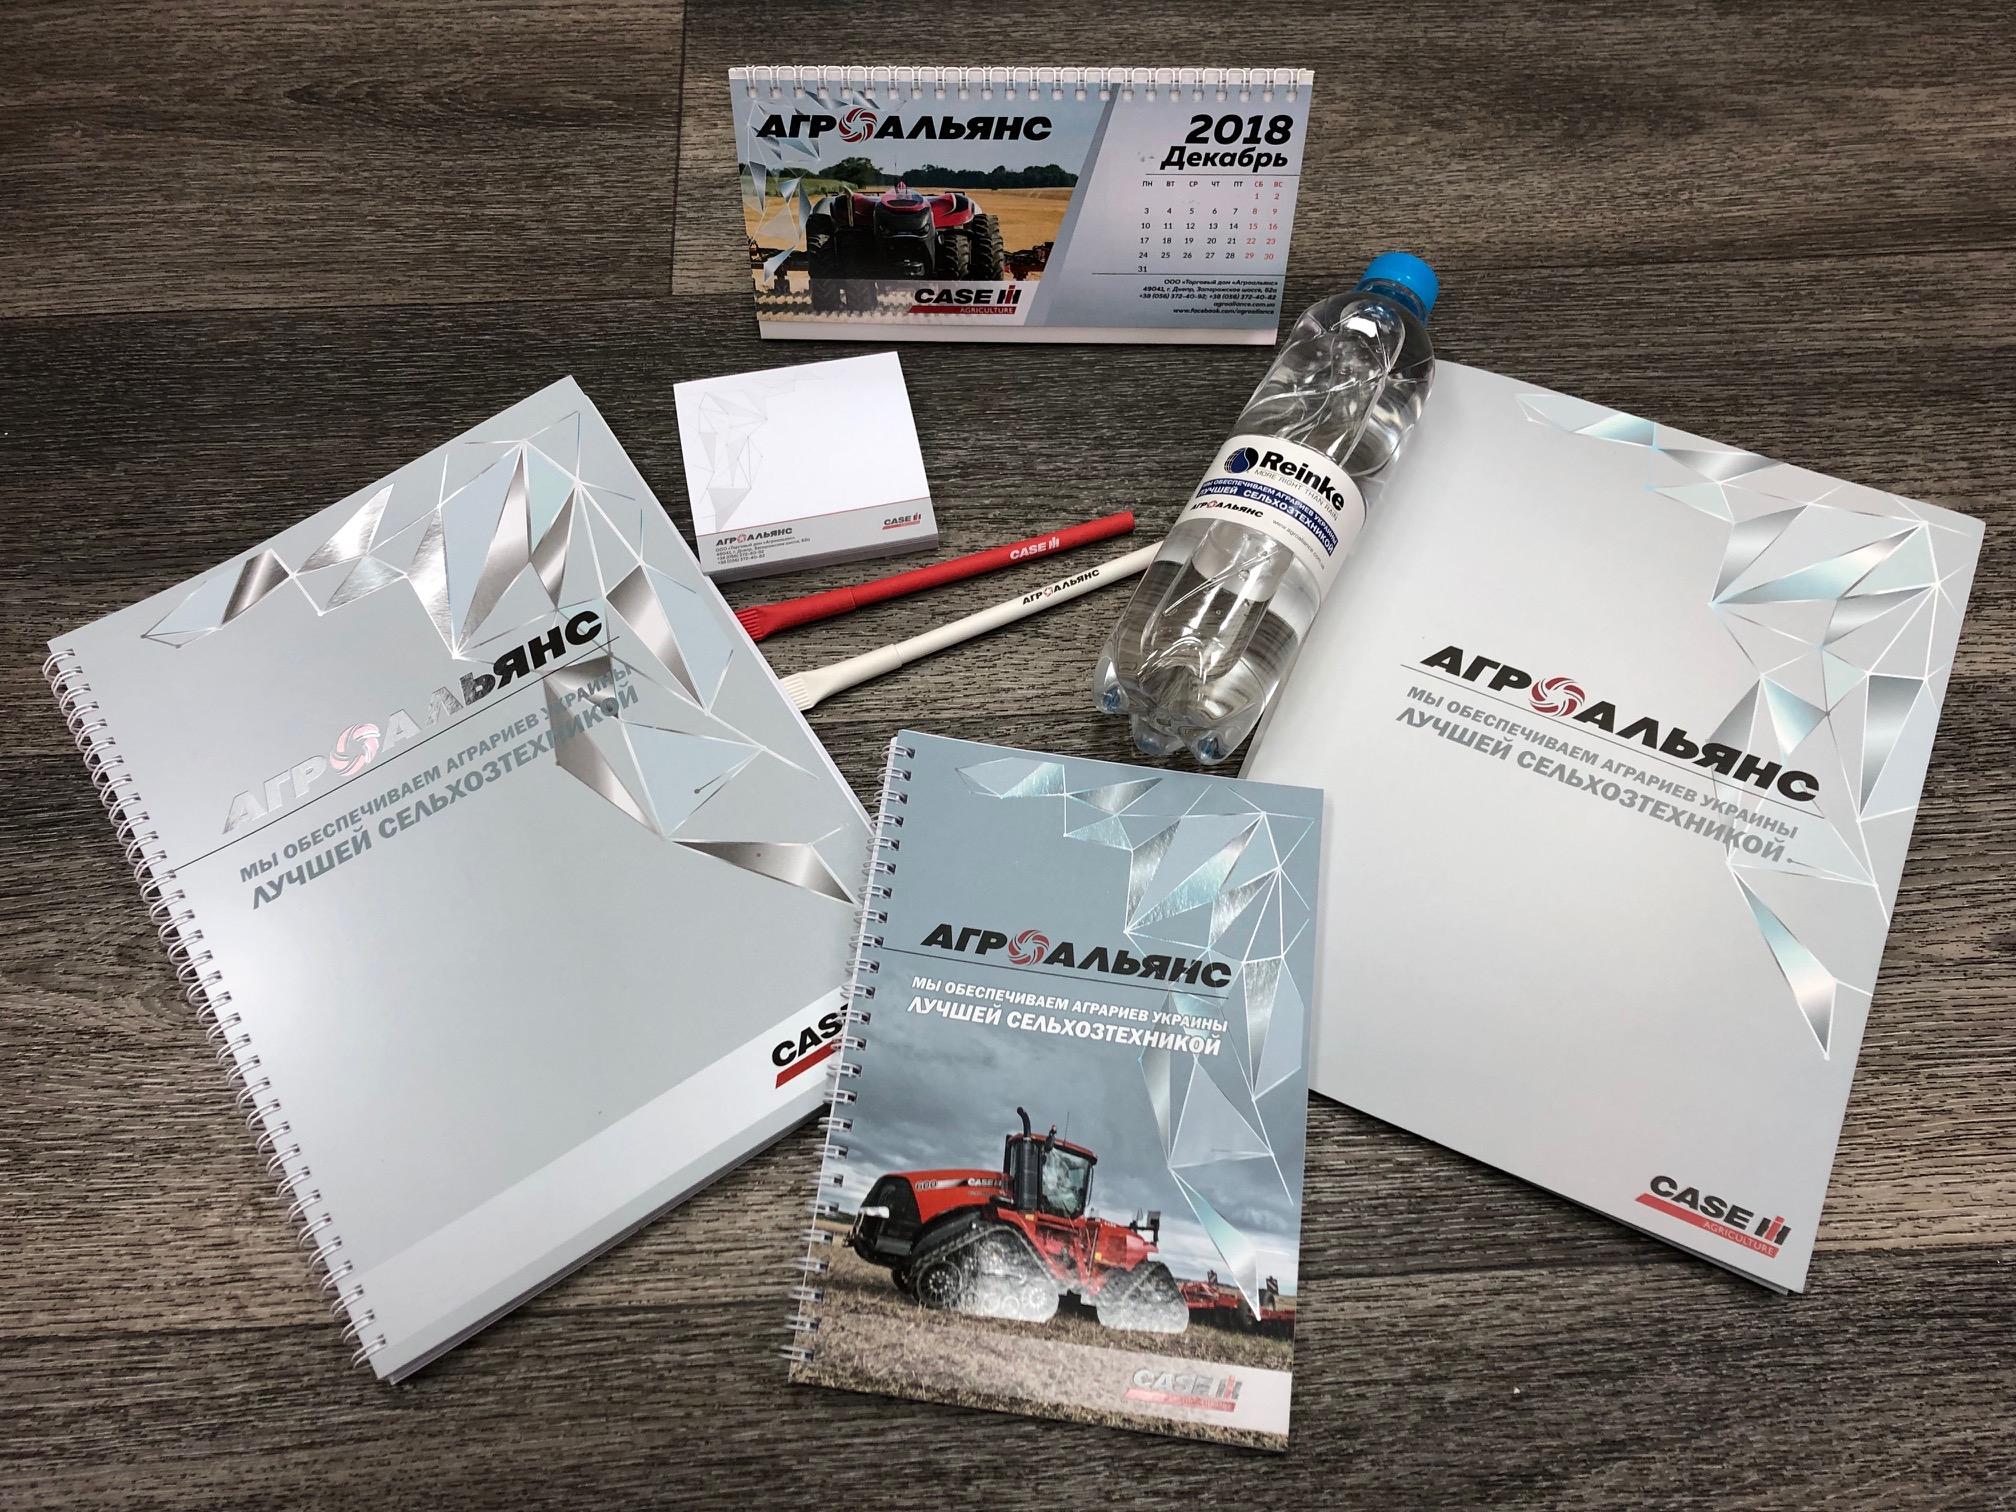 Рекламно-производственный комплекс работ (промо-вода, блокнот, эко ручка, блочки для записей, календарь, папка, чашка, значок, кепка)